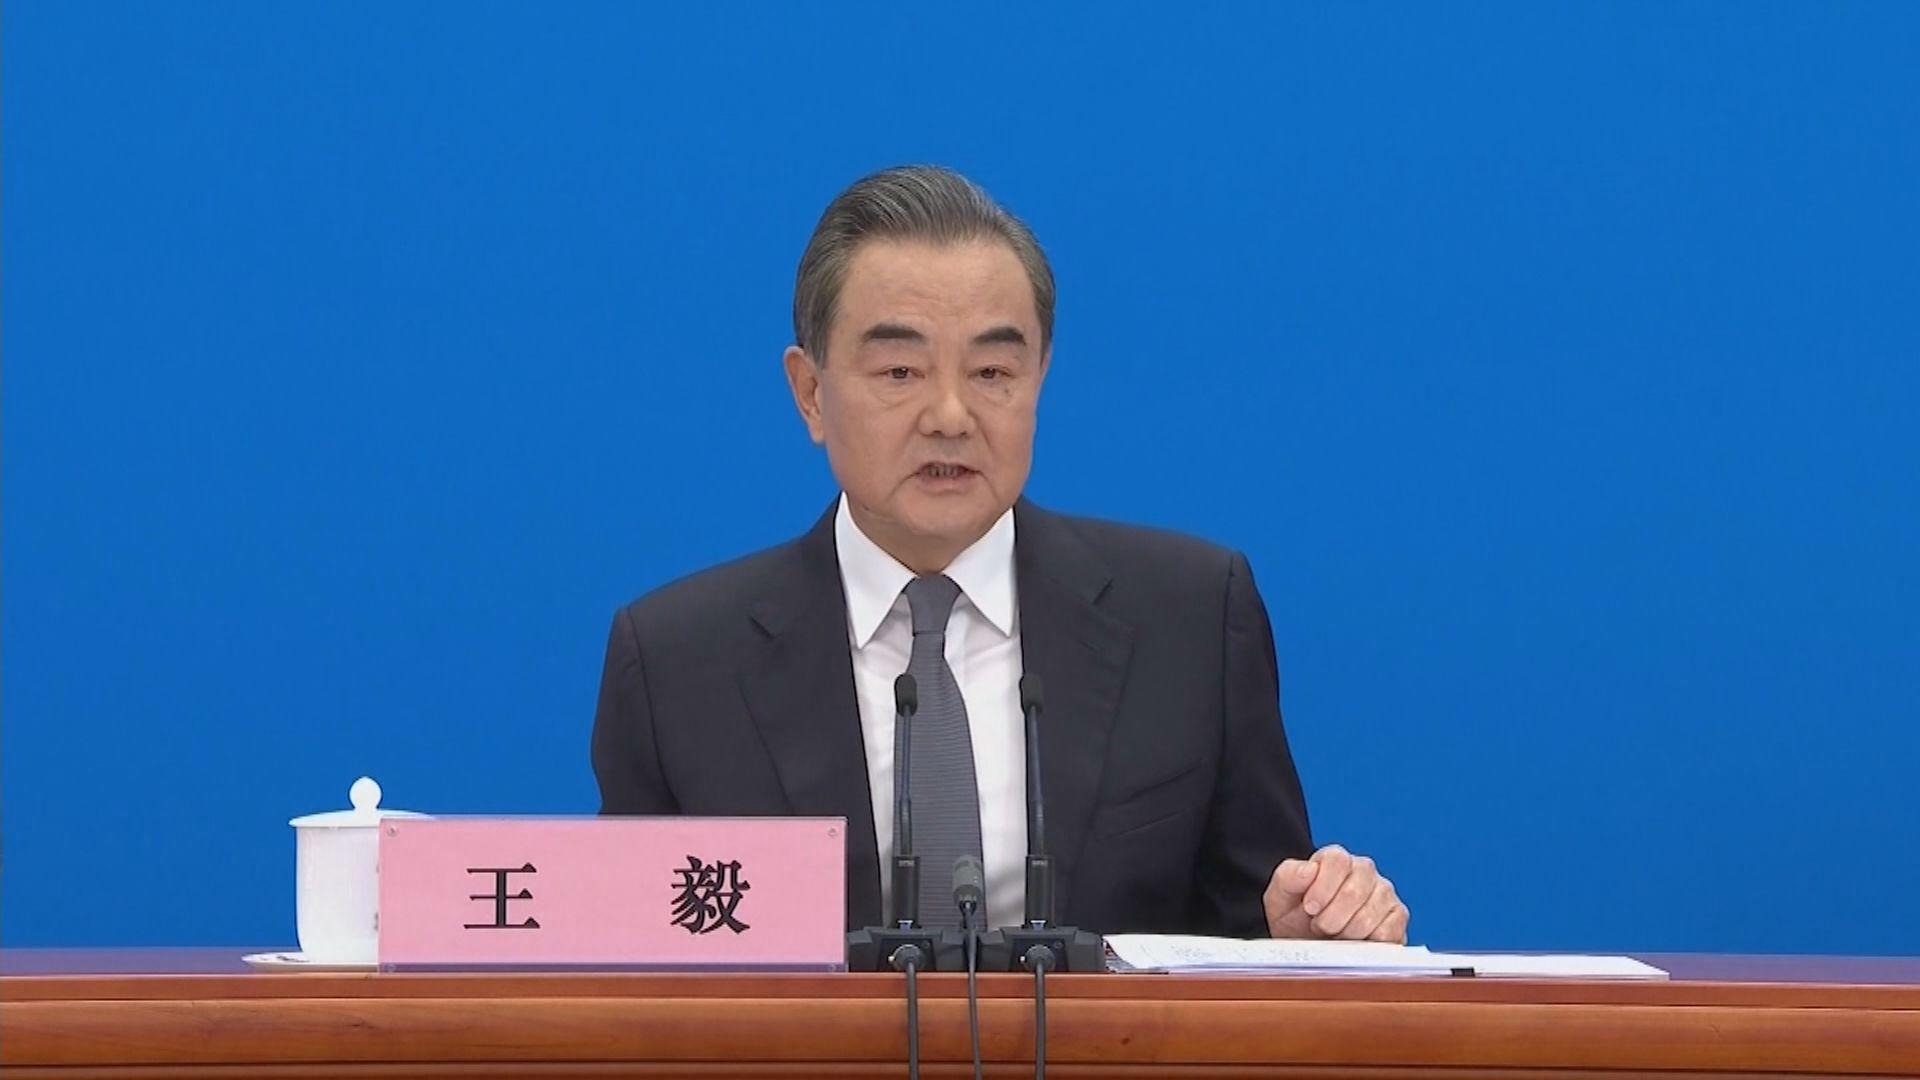 王毅:美方應尊重中國政府落實一國兩制努力